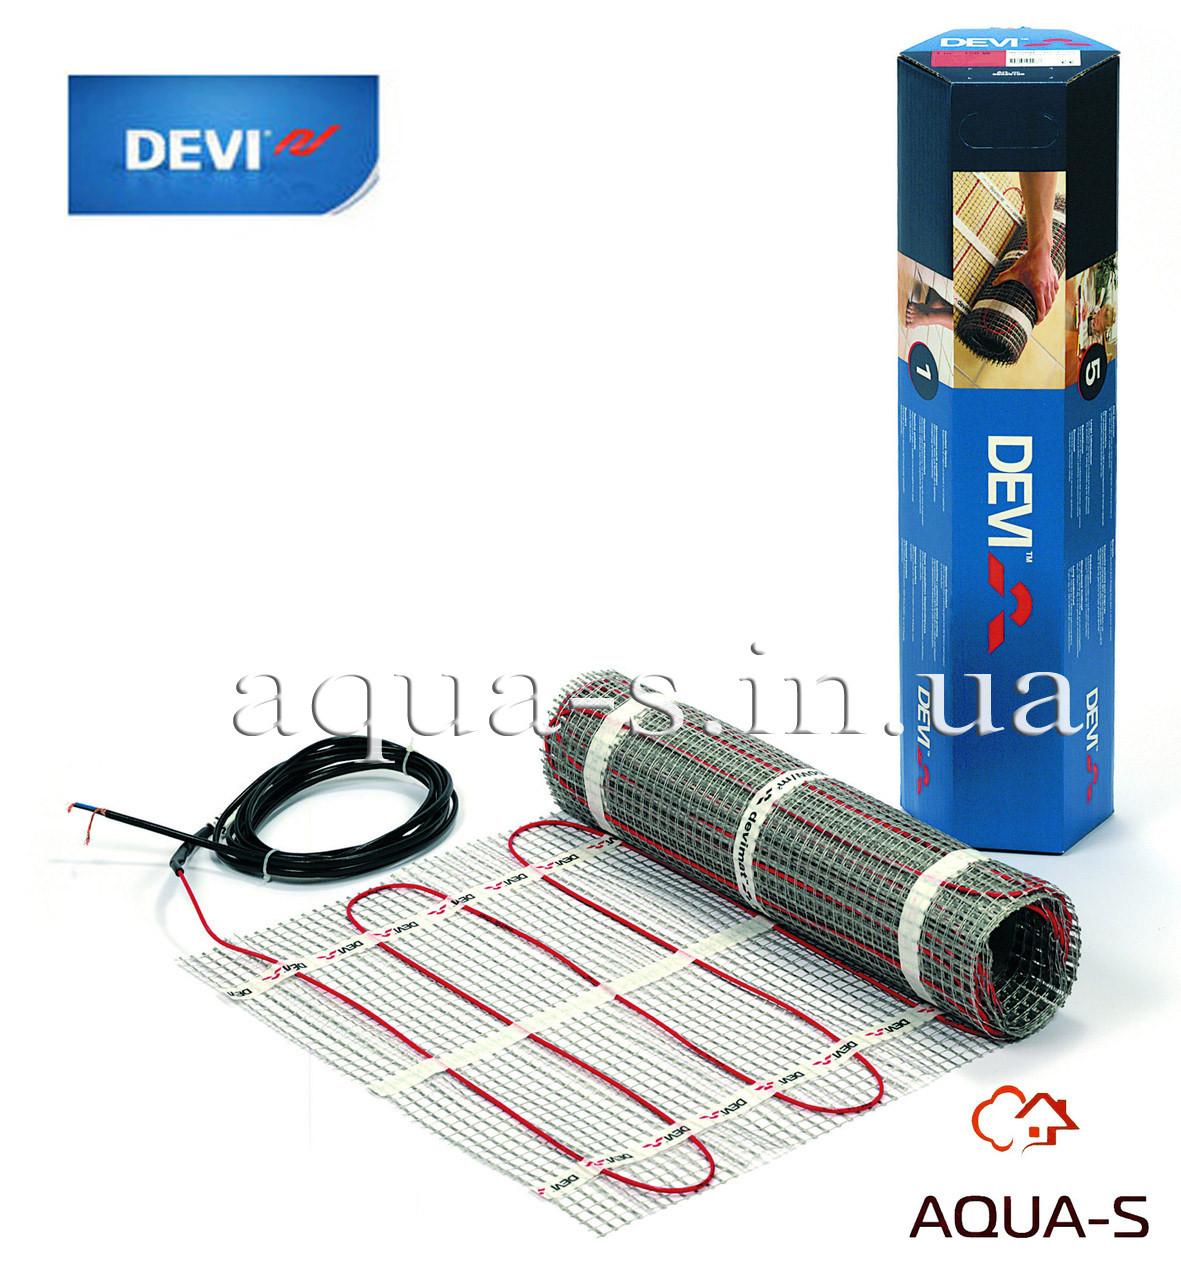 Мат нагревательный DEVI DEVIcomfort 150T (10 кв.м.) 1372 Вт. двухжильный (140F0457)